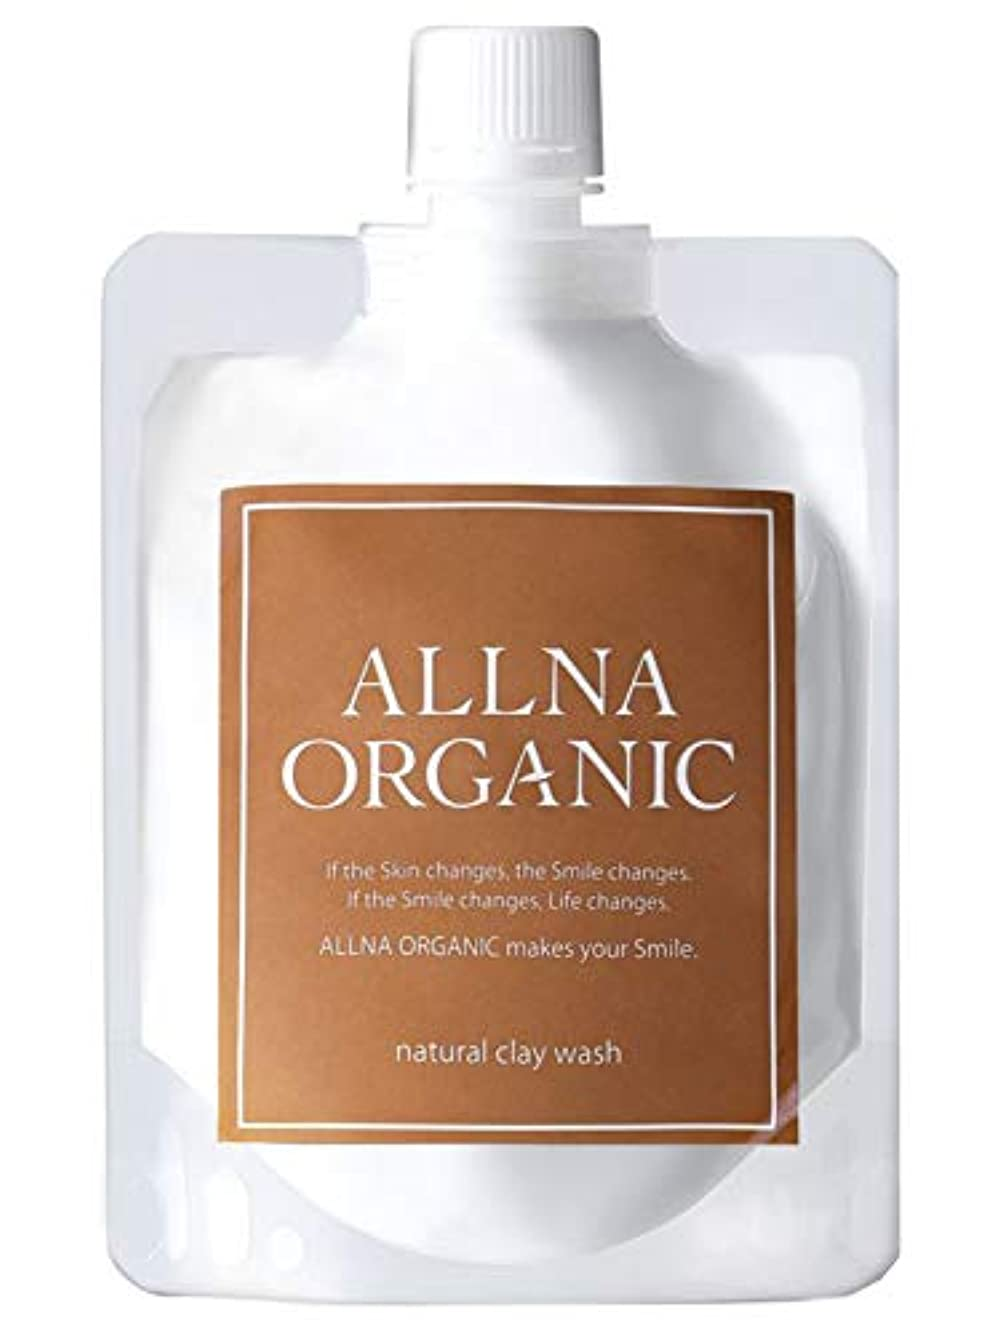 狂う哲学符号オルナ オーガニック 泥 洗顔 「 毛穴 開き 黒ずみ 用」「 泡 ネット 付き」「 コラーゲン 3種類 + ヒアルロン酸 4種類 + ビタミンC 4種類 + セラミド 配合」 130g